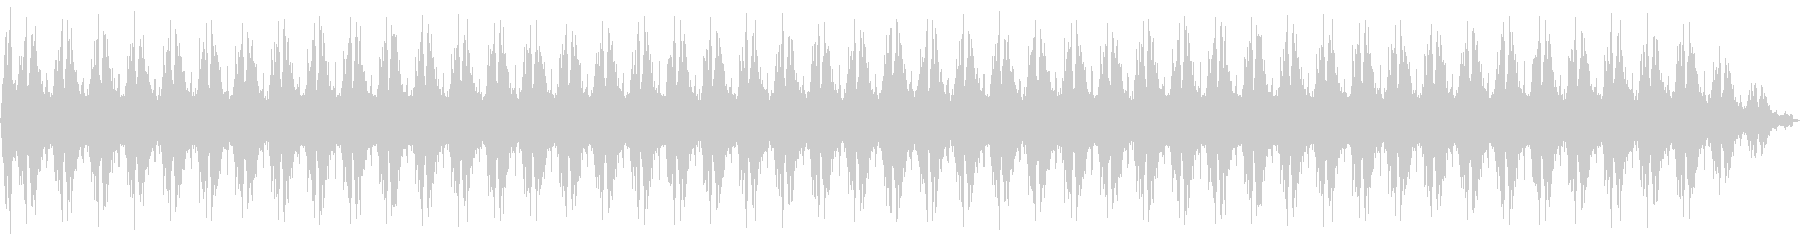 魔法詠唱、魔法発動、独白 01の未再生の波形